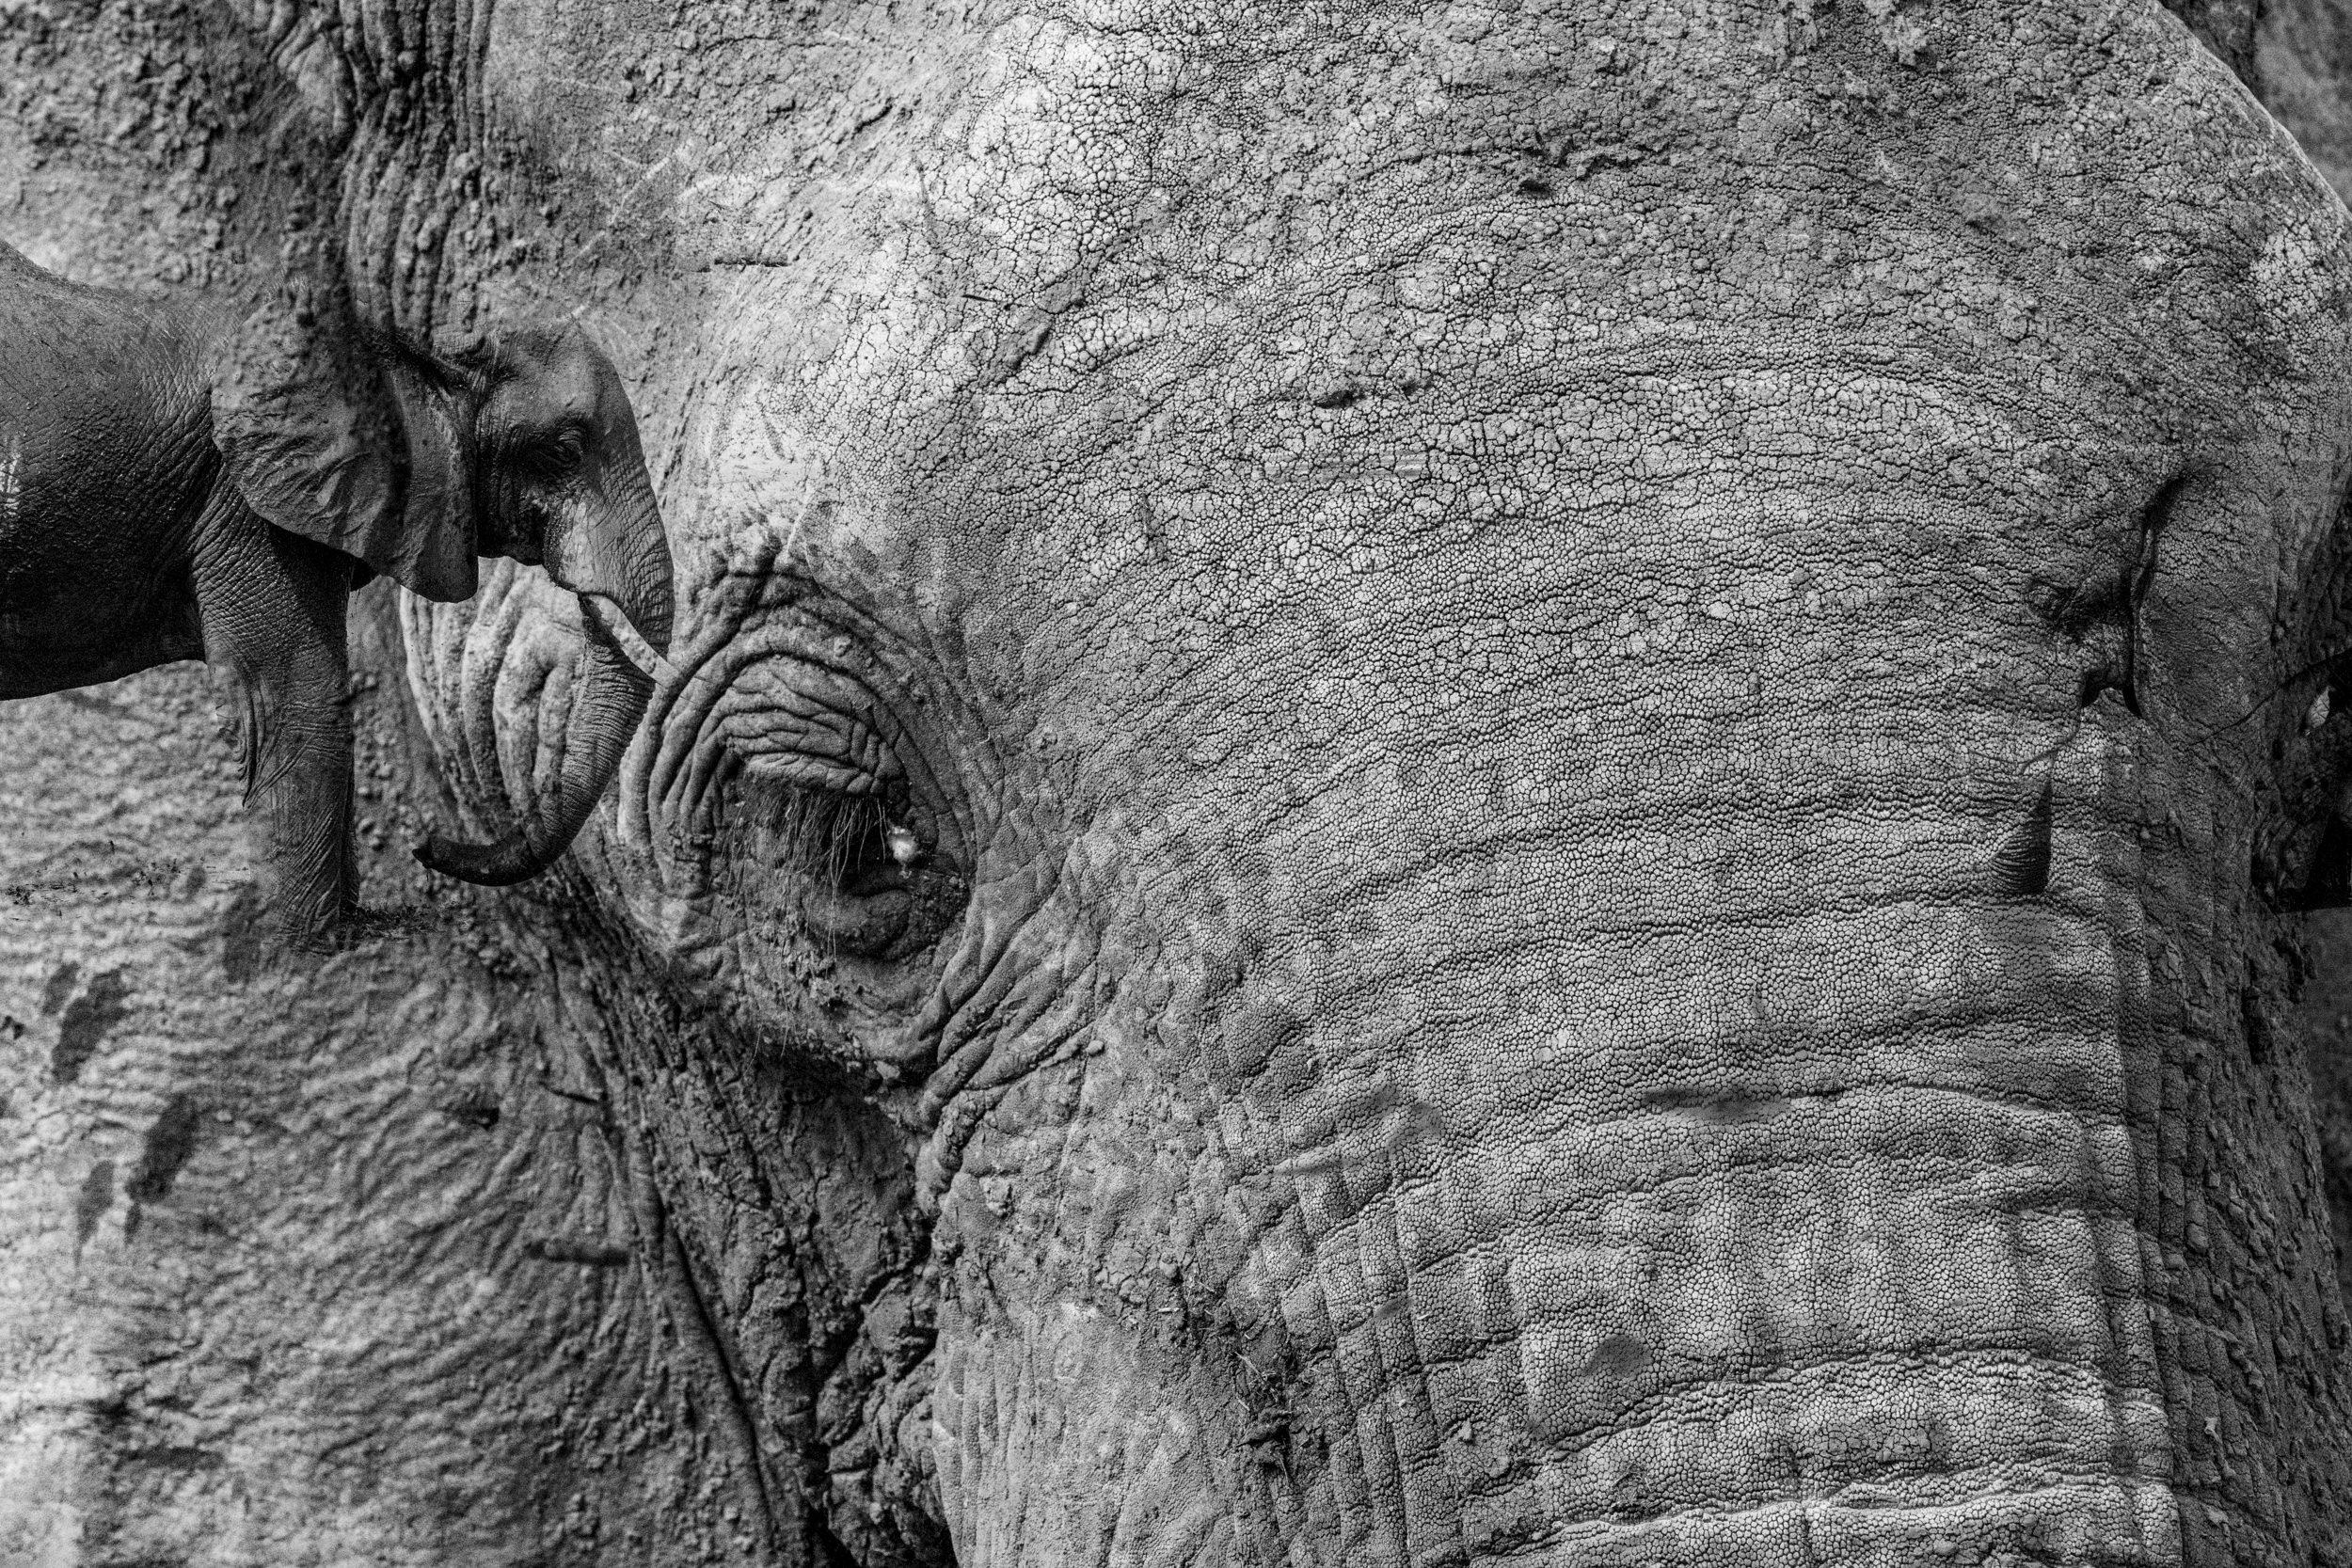 Elephant multiple exposure.jpg